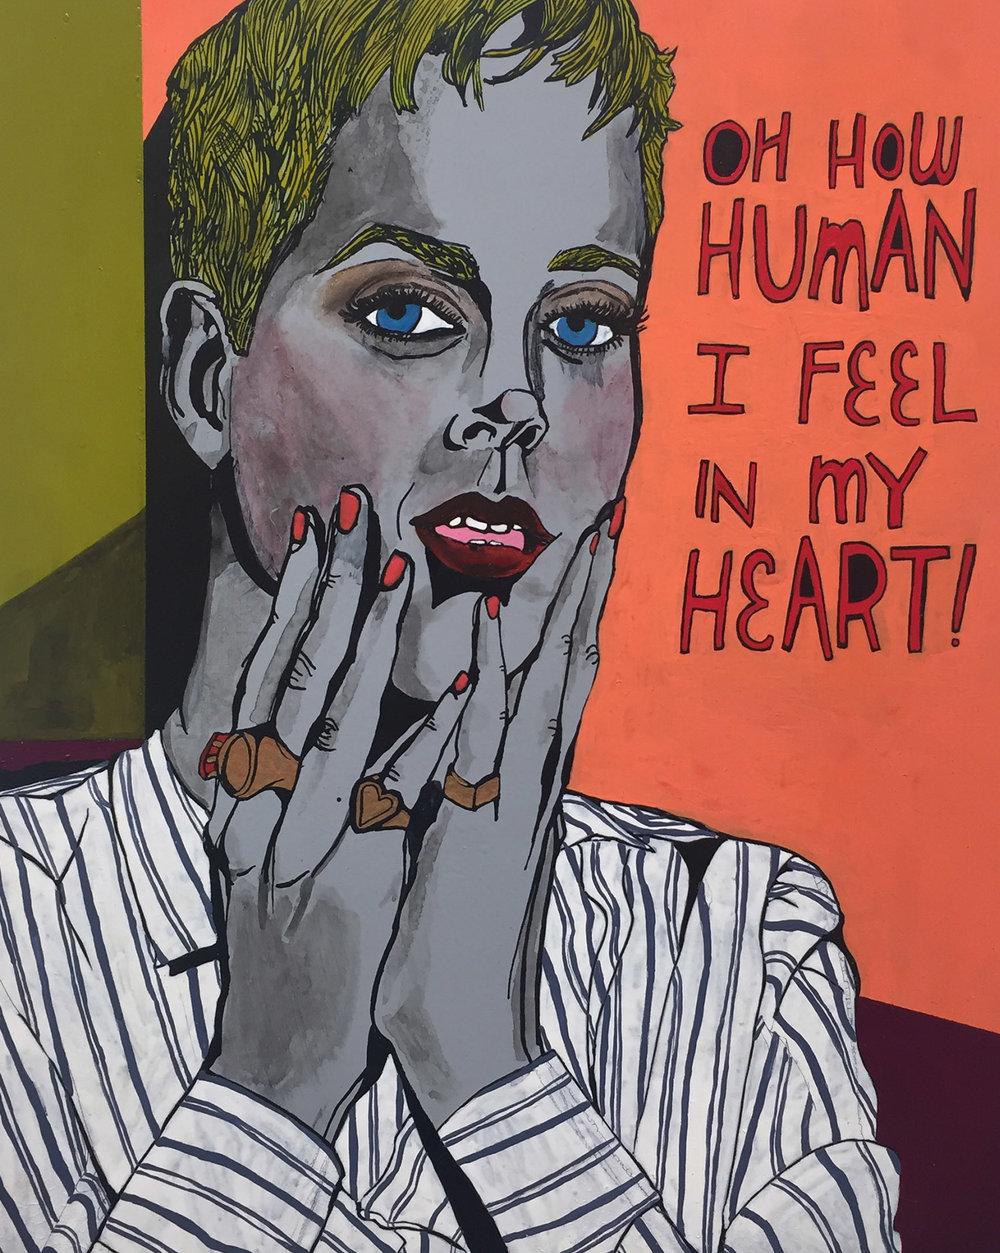 Oh how human I feel in my heart!.jpg